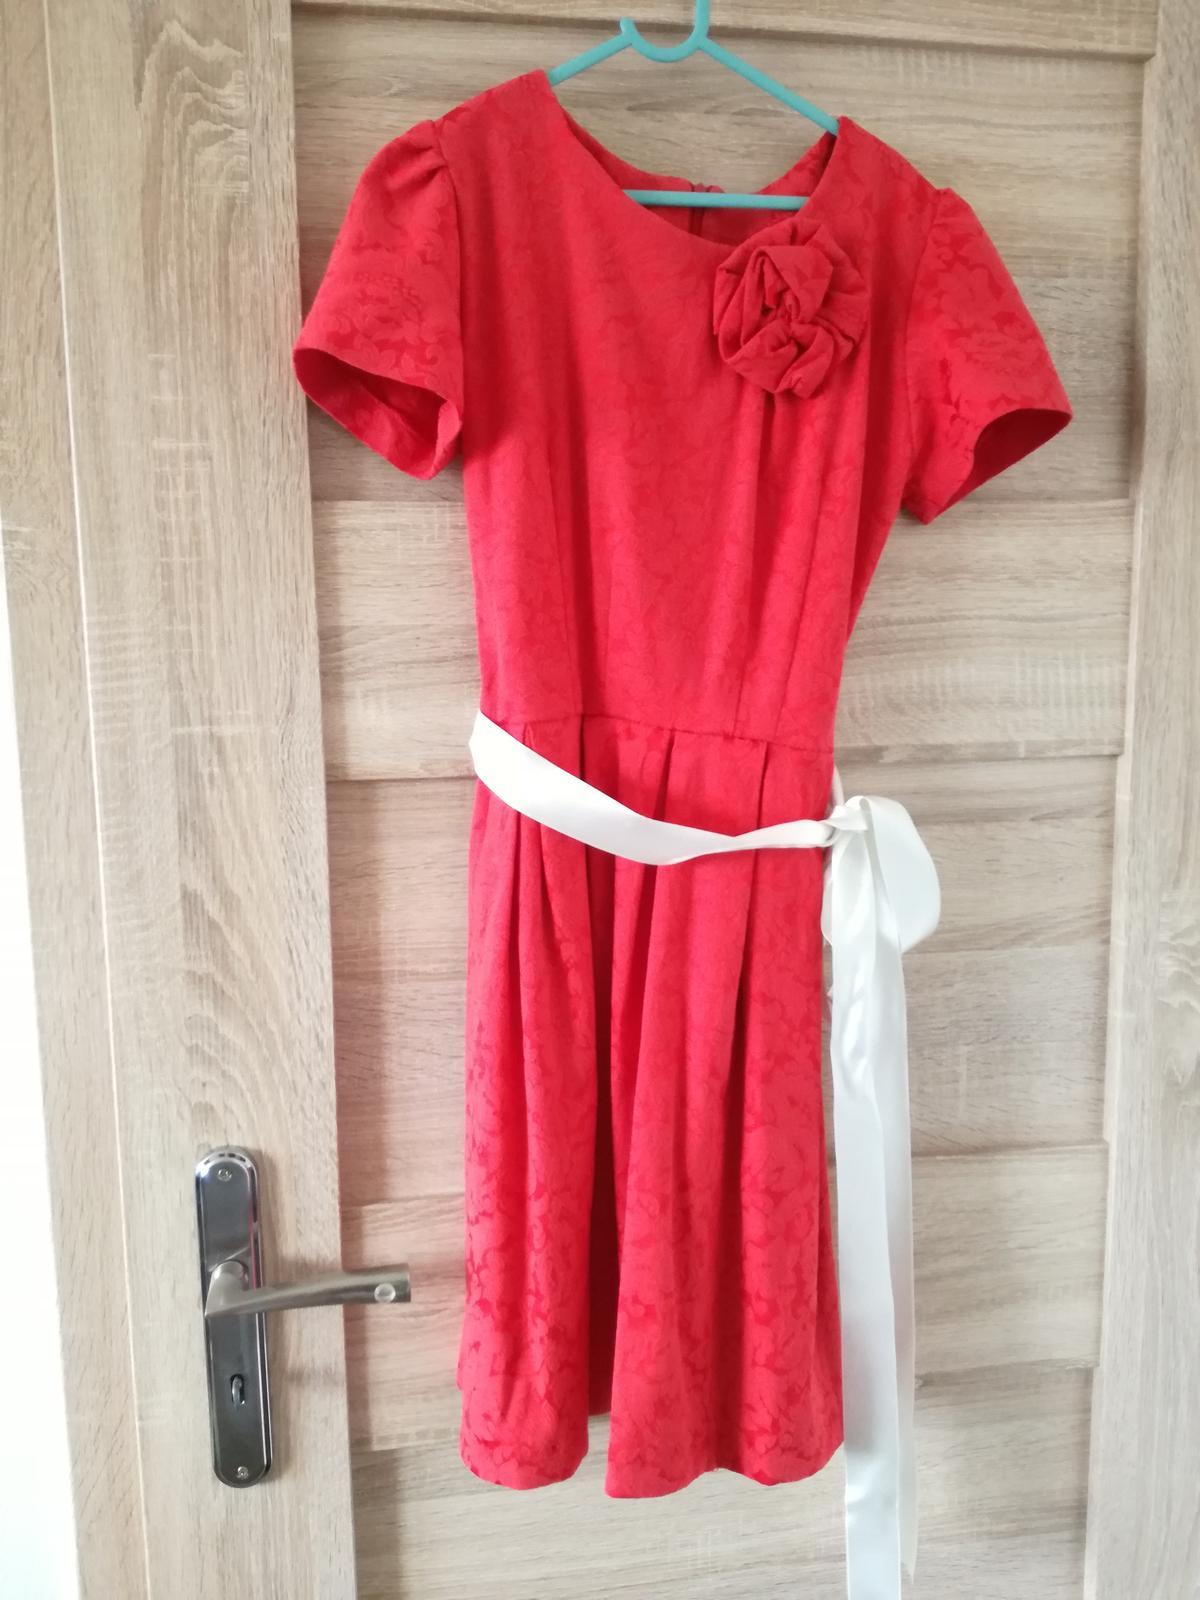 Šaty na redovy tanec - Obrázok č. 1